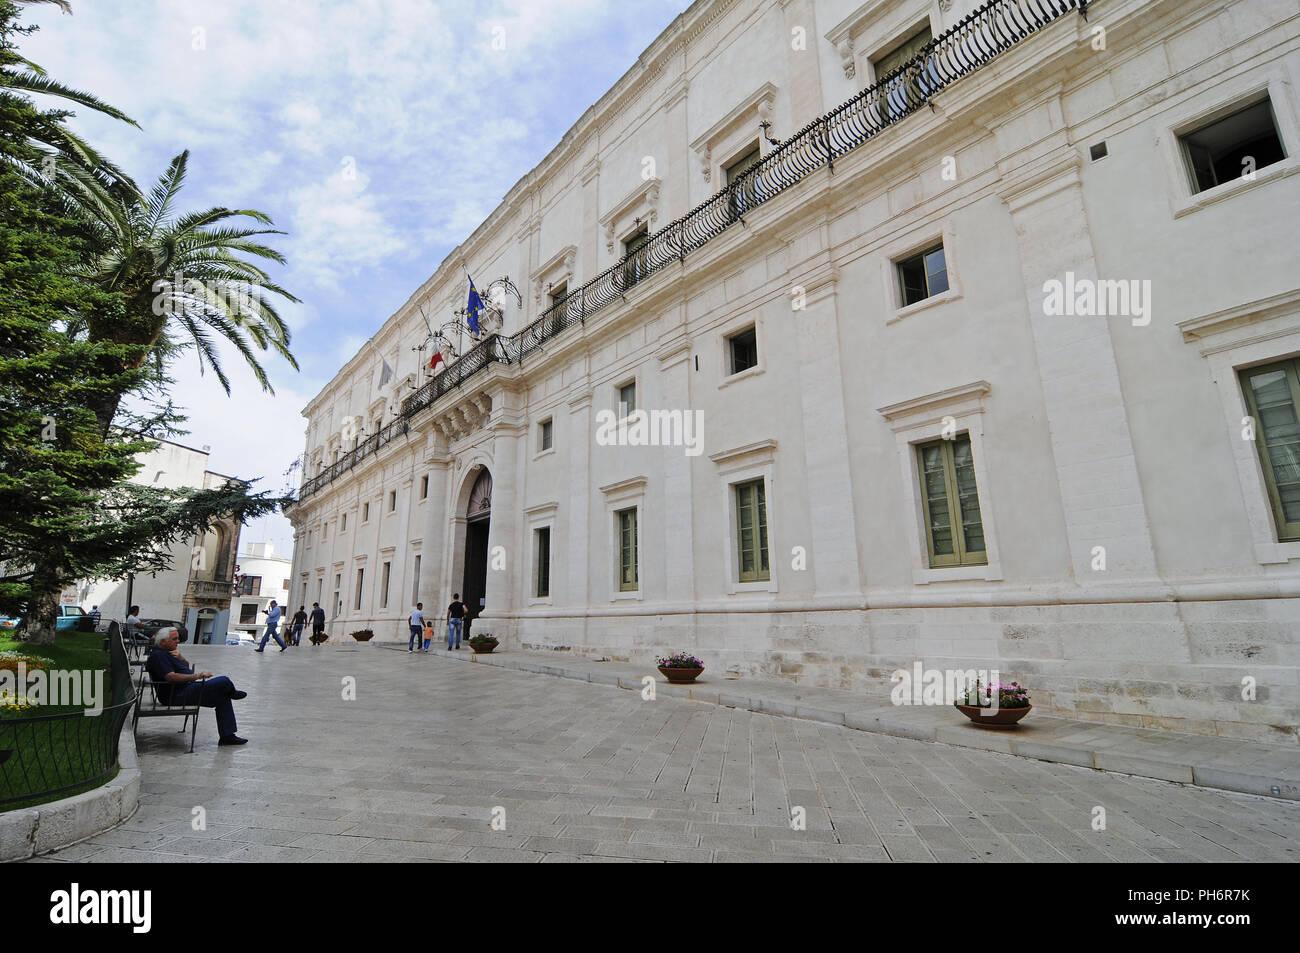 Palazzo Ducale, city hall, Martina Franca, Italy - Stock Image